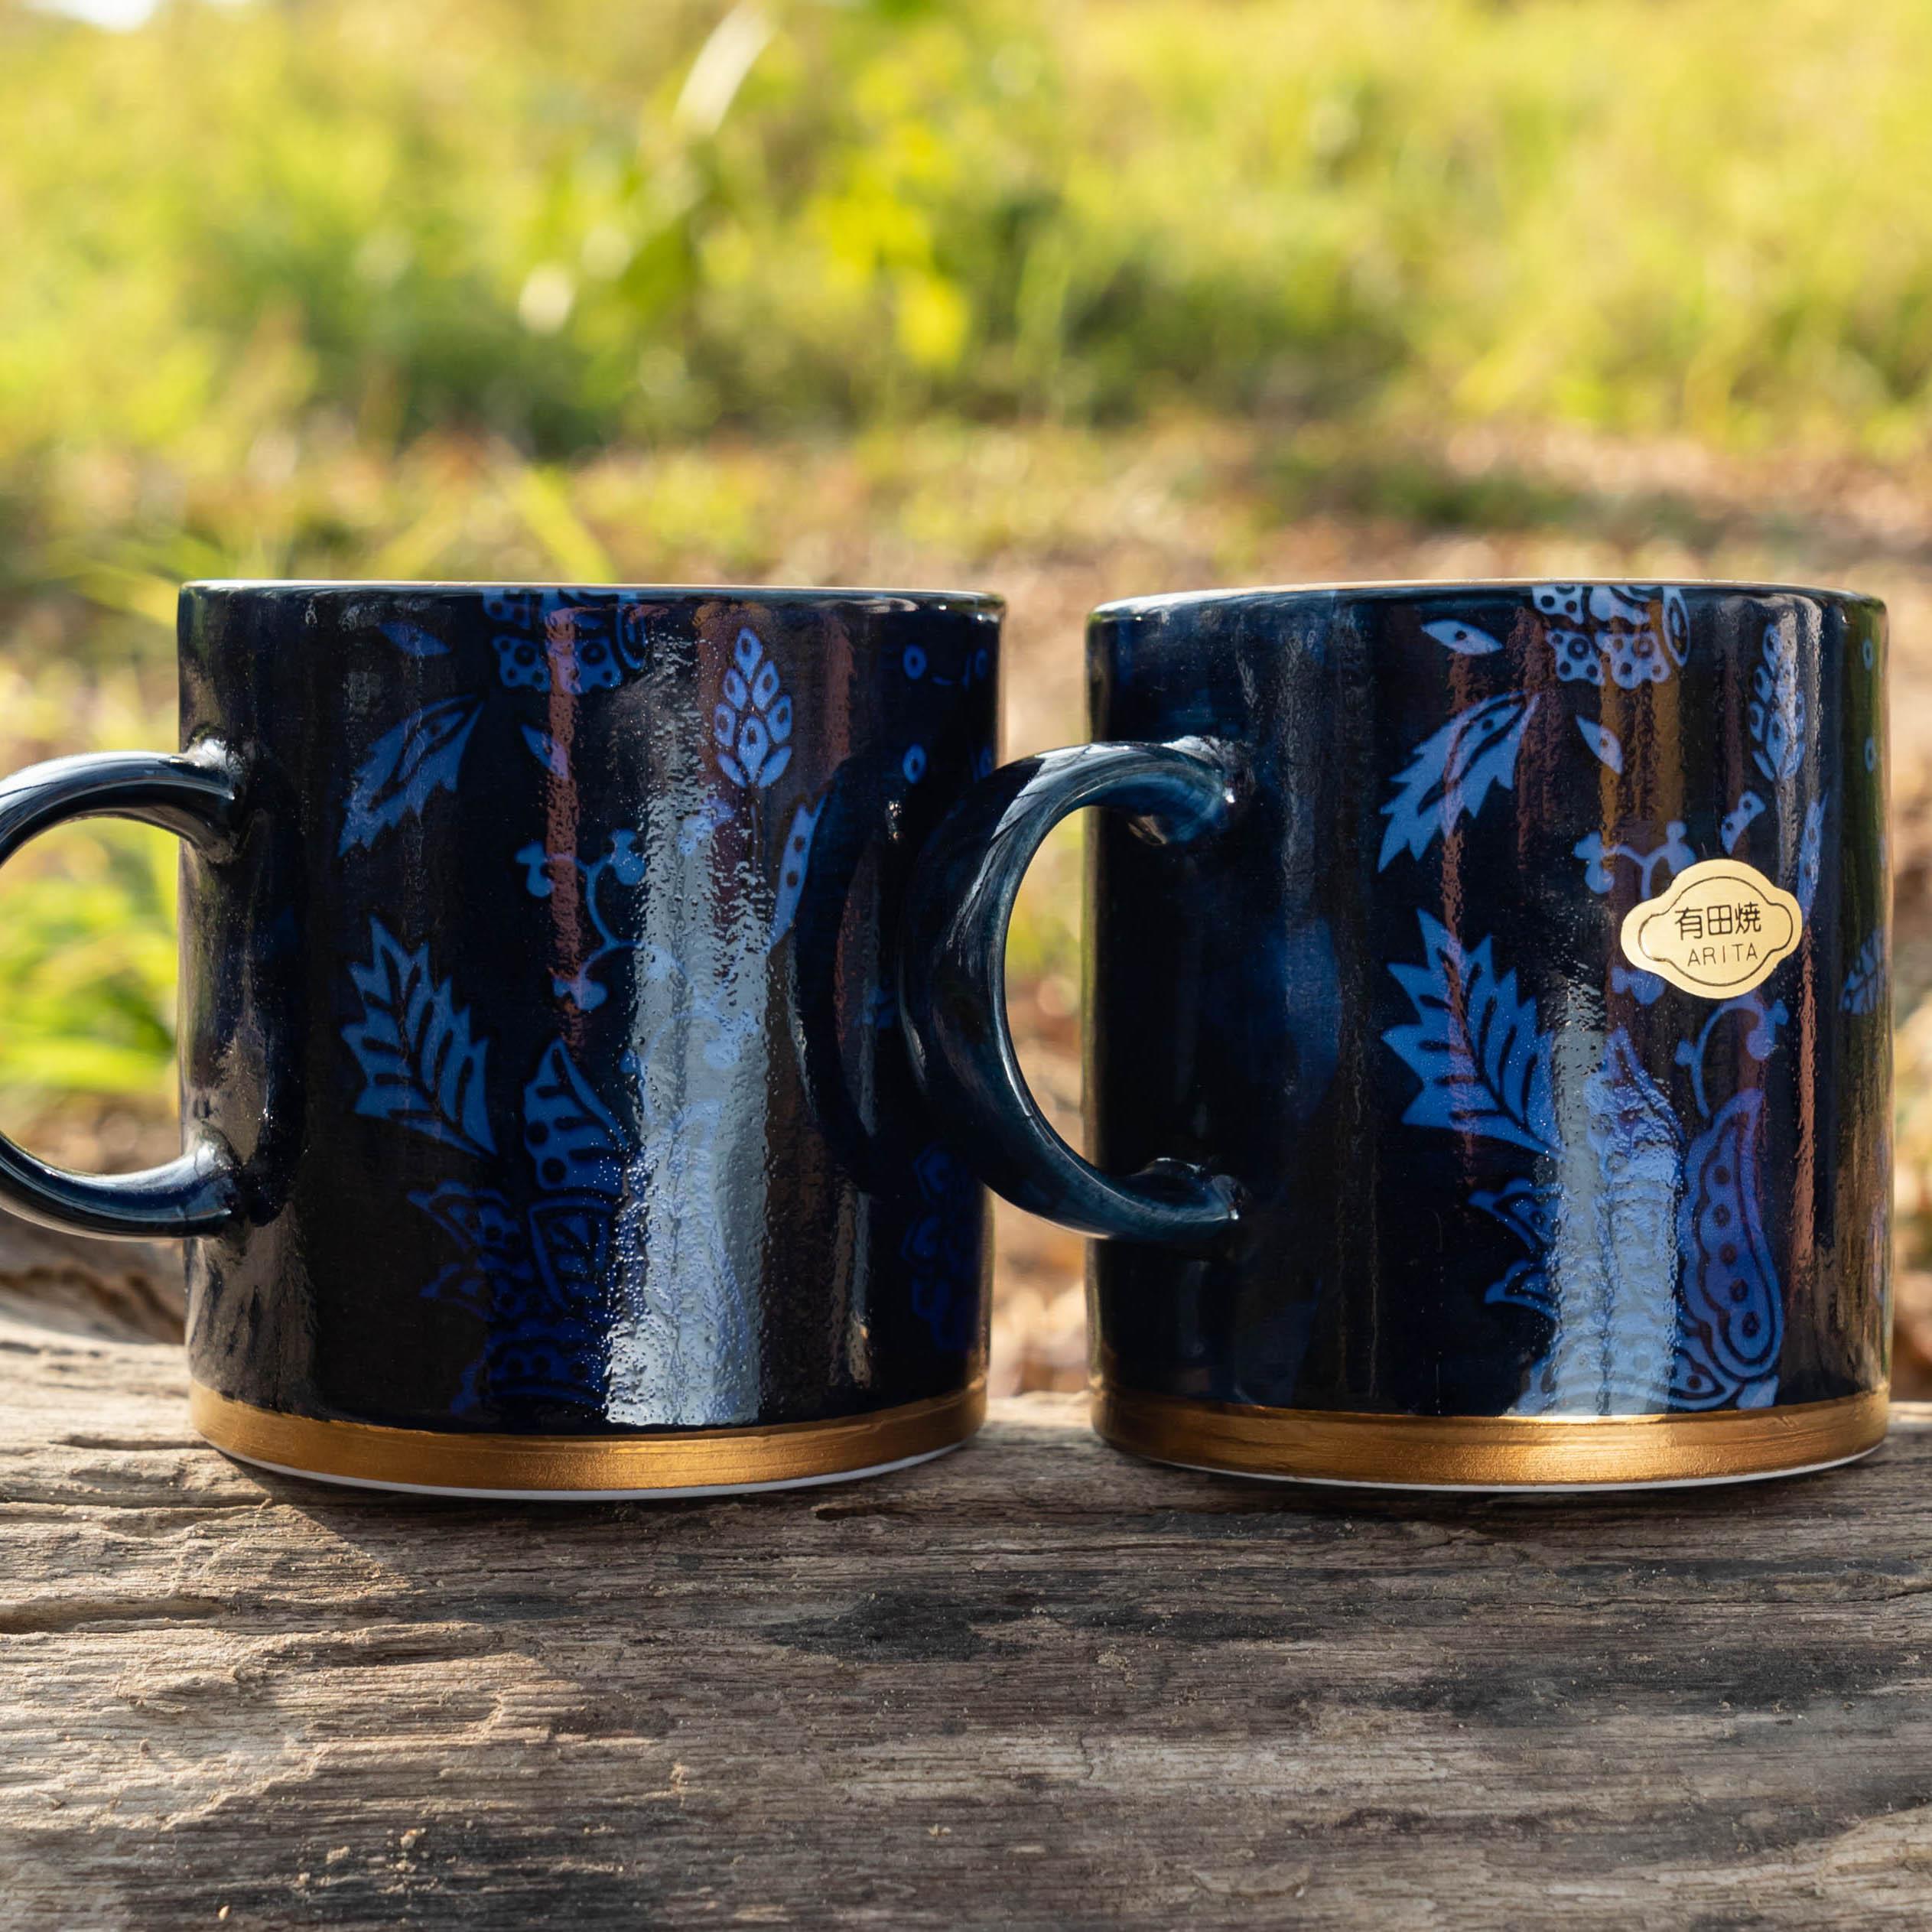 有田燒藍金馬克杯/日本進口/有田燒/美濃燒/咖啡杯/水杯/陶瓷馬克杯/牛奶杯